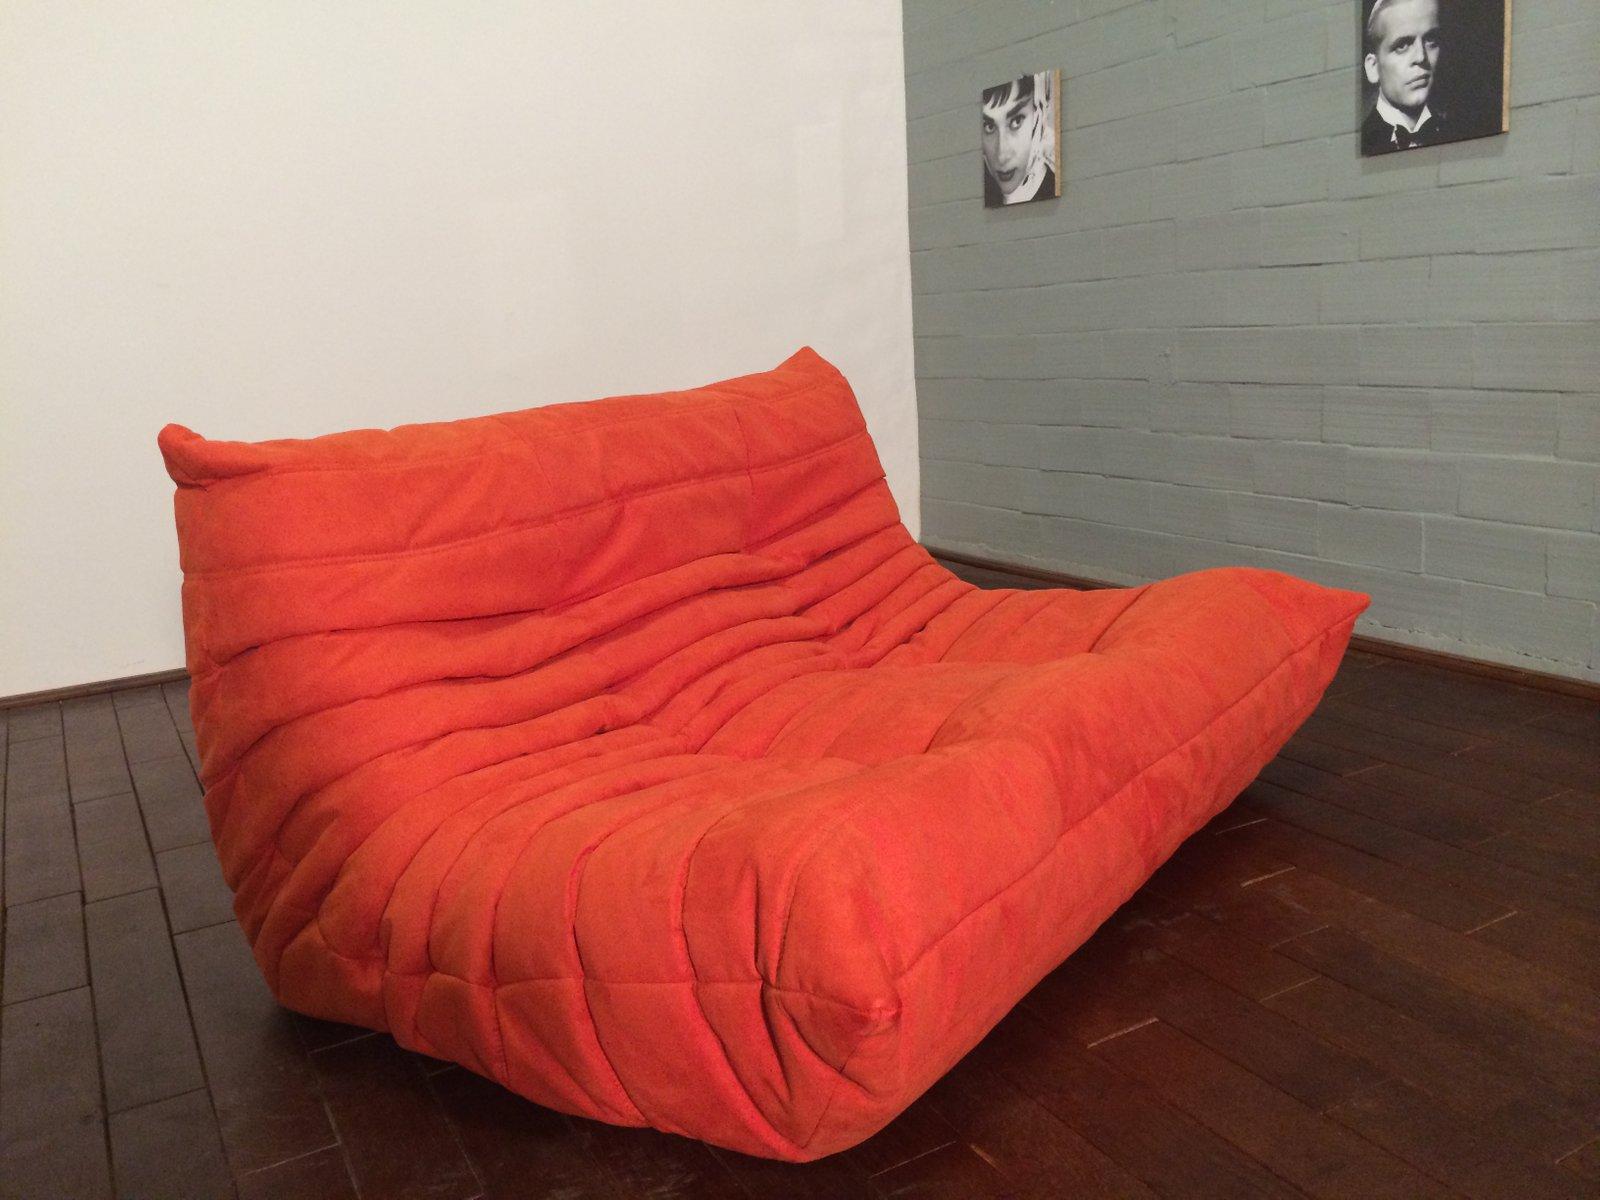 set de canap togo orange en microfibre par michel ducaroy pour ligne roset 1974 en vente sur. Black Bedroom Furniture Sets. Home Design Ideas